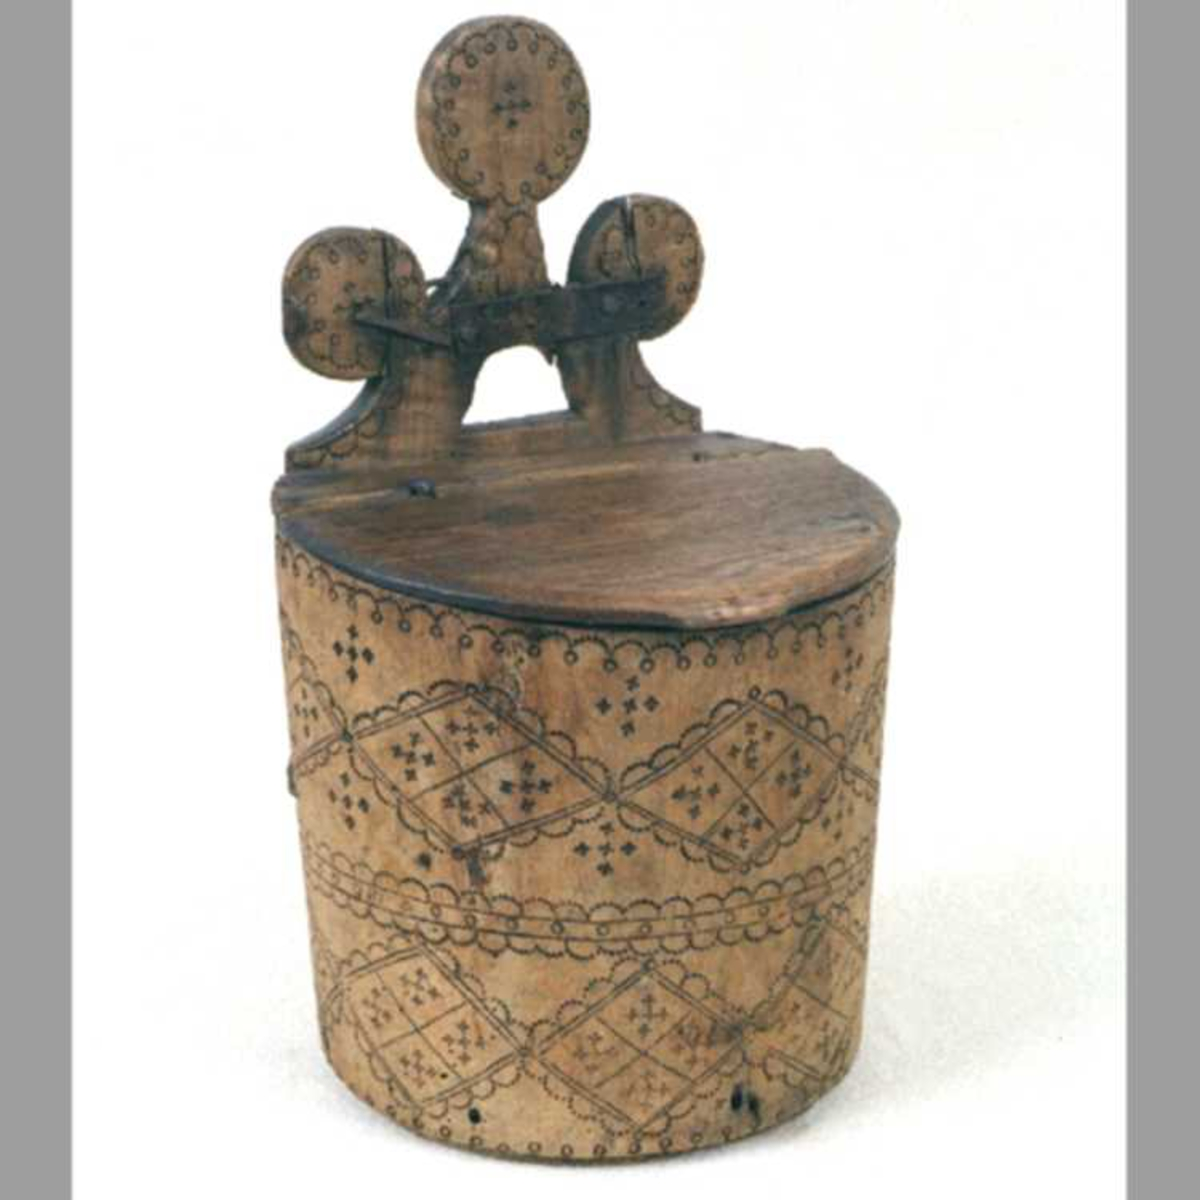 Meldunk av bjerk,  med   furu  bunn og lokk. Sylinderformet m. flatt bakstykke.  Karets forside rikt dekorert m. svidde ornamenter,  hovedsakelig romber, stj. og tungeborder.  Karets bakstykke ender i 3 cirkelformede hoder,  likeledes m. svidd ornamentikk.  Karet har hengslet lokk og er umalt. På innbrent initialene:   STS  .  Tilstand okt. 1960: Dunken er sprukken og holdes sammen  med  jernkramper, likeledes bakstykkets topp, som er reparert  m.  kramper og store jernbeslag.